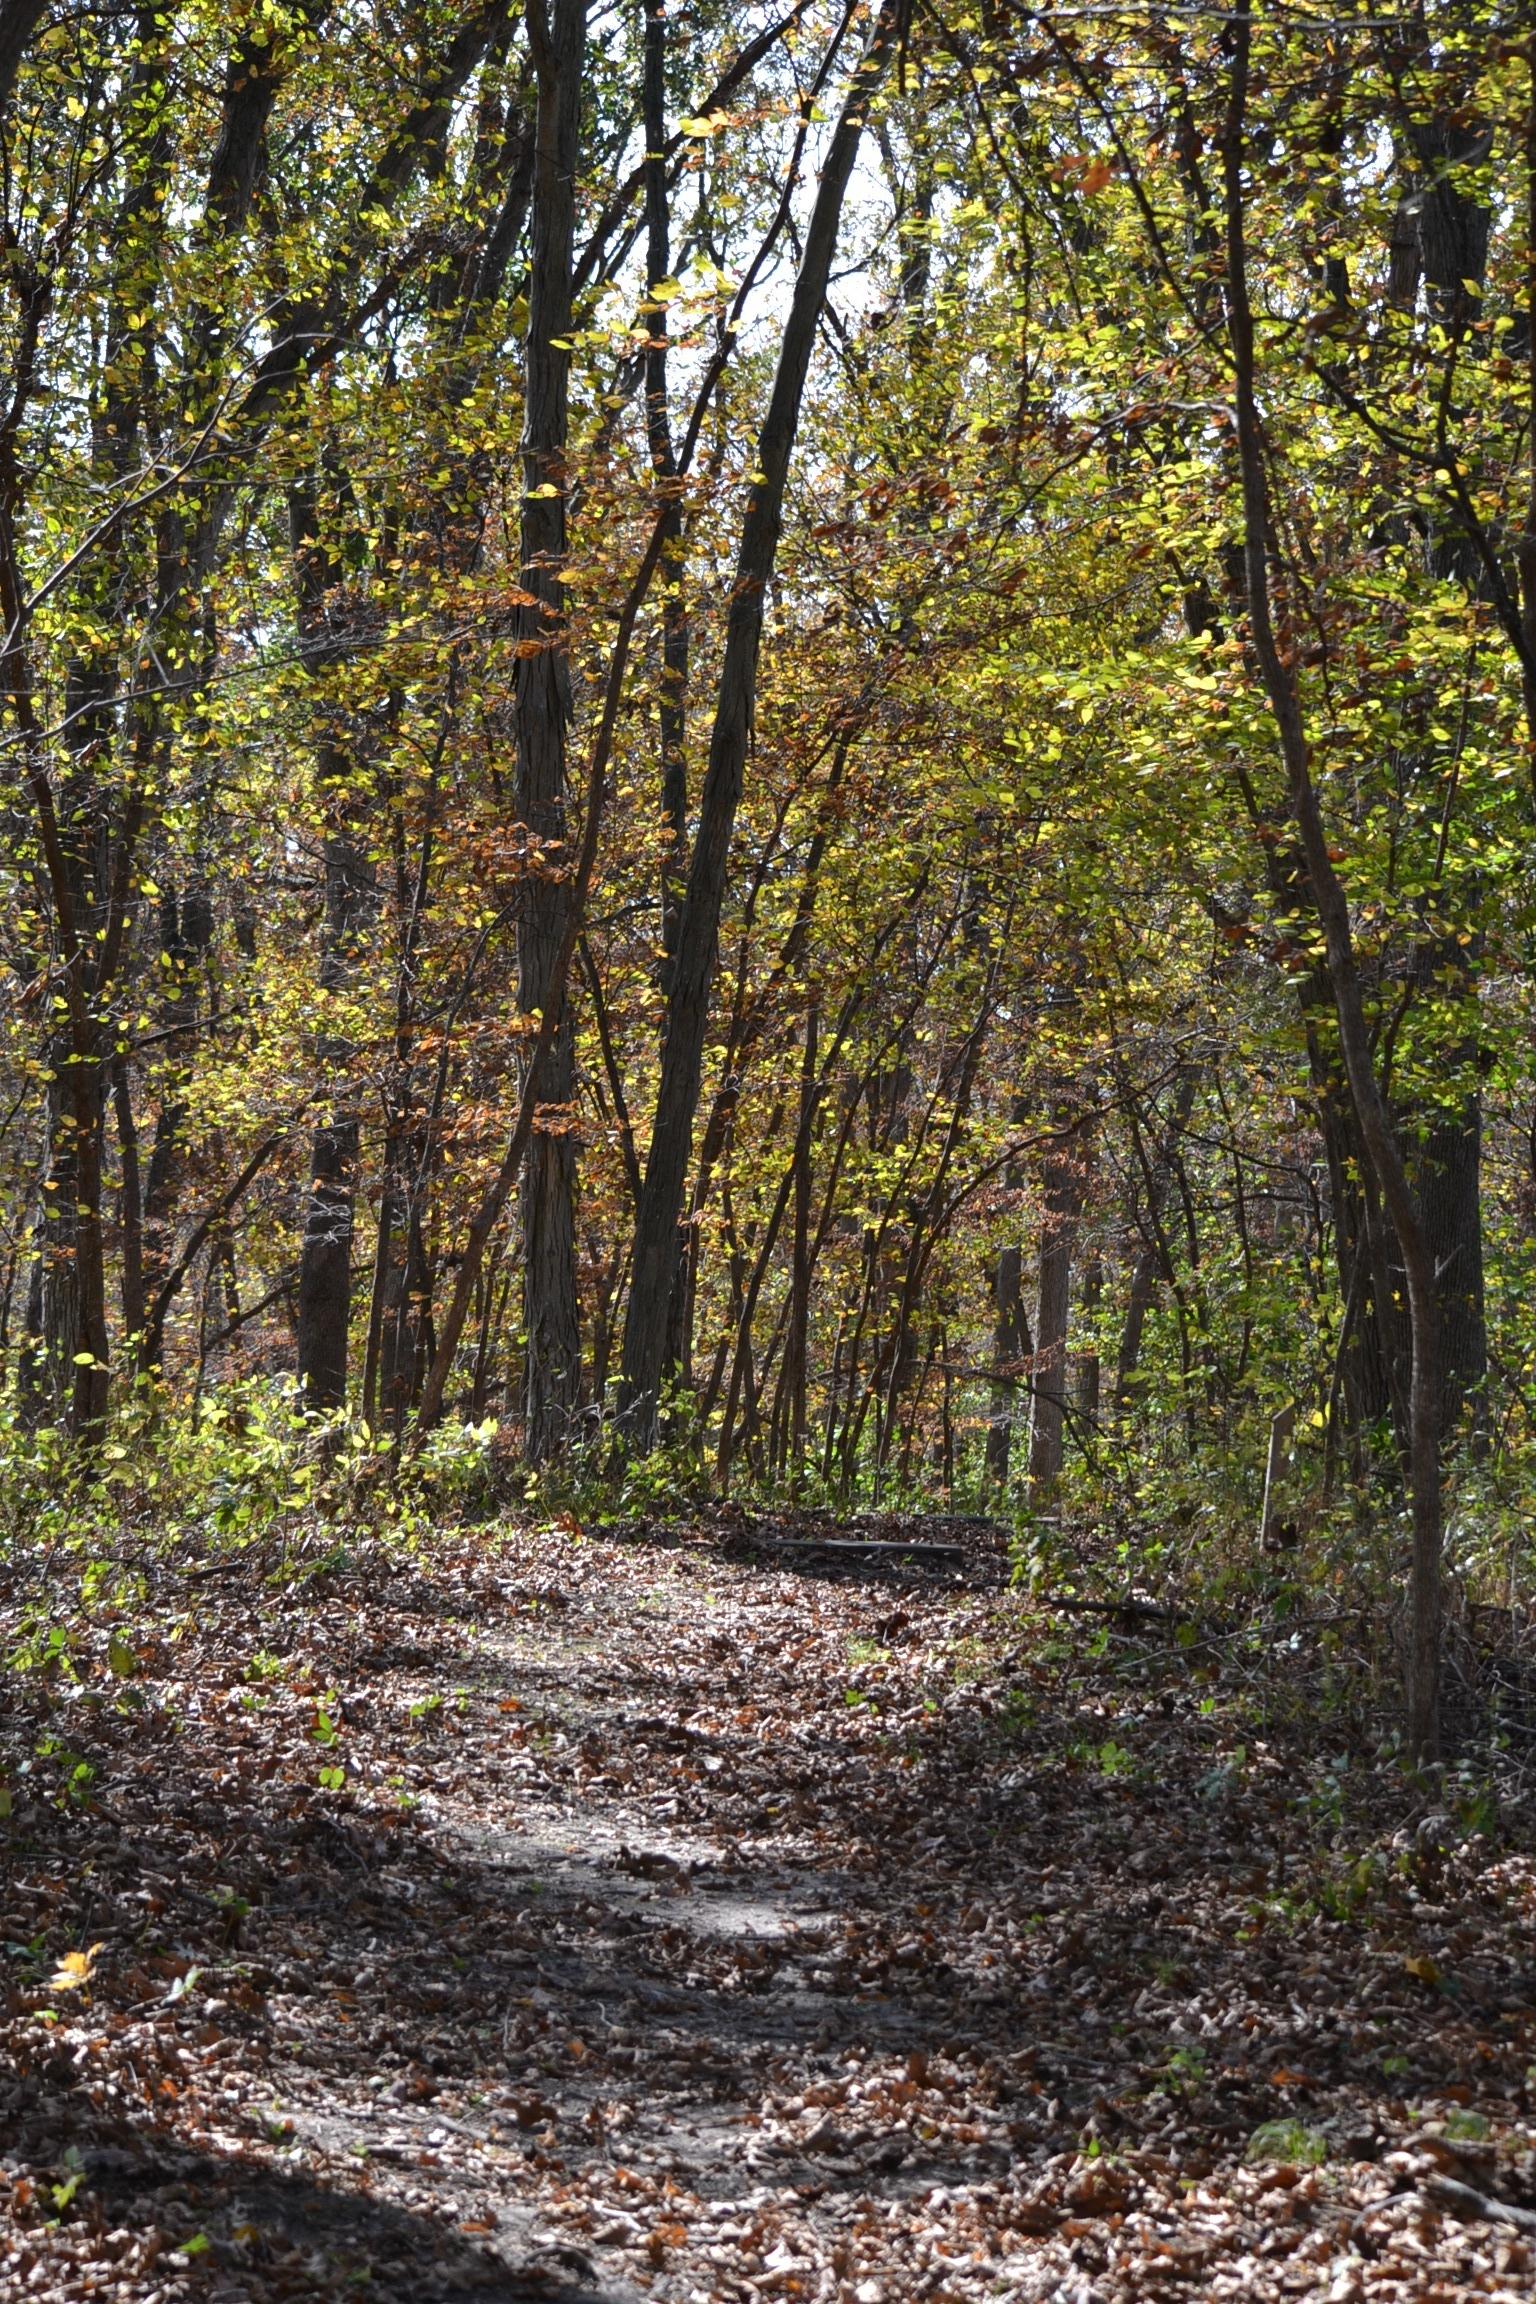 Ashton wildwood park eden hills for Eden hill walk in